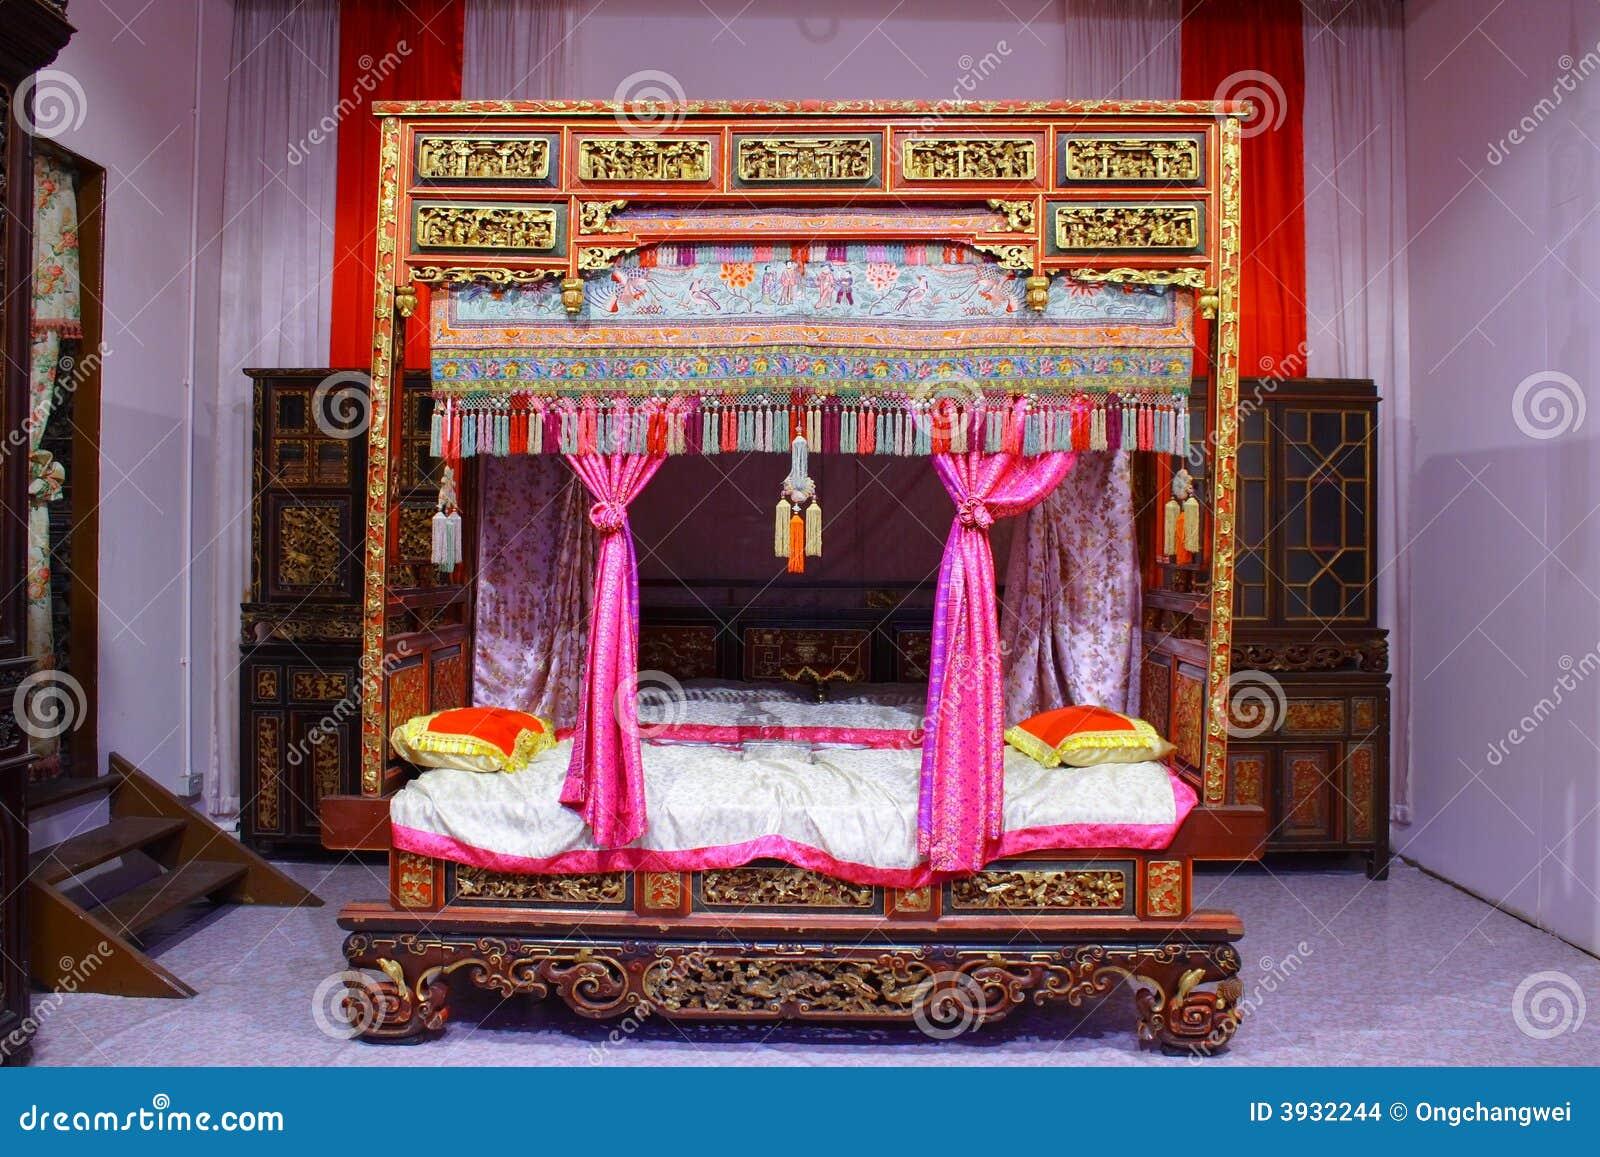 Traditioneel Chinees Bed : De chinese zaal van het bed stock foto afbeelding bestaande uit